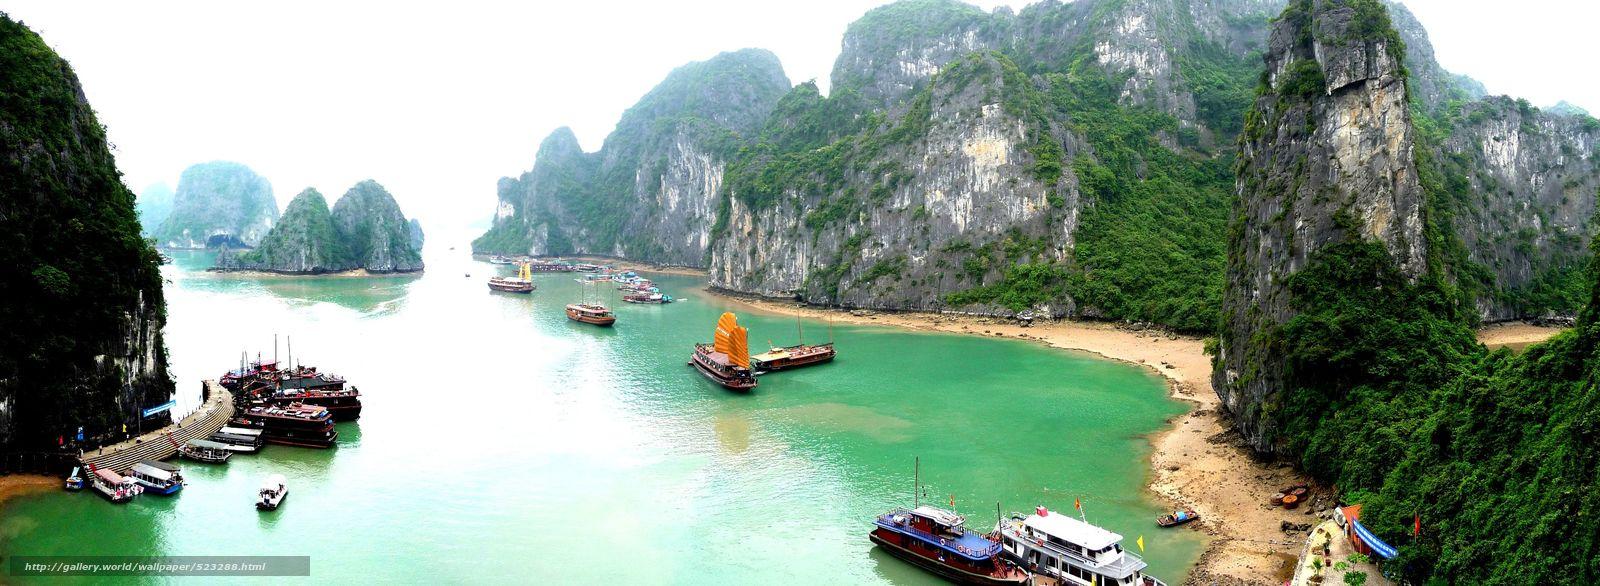 Download wallpaper Vietnam Mountains Boat desktop wallpaper in 1600x586